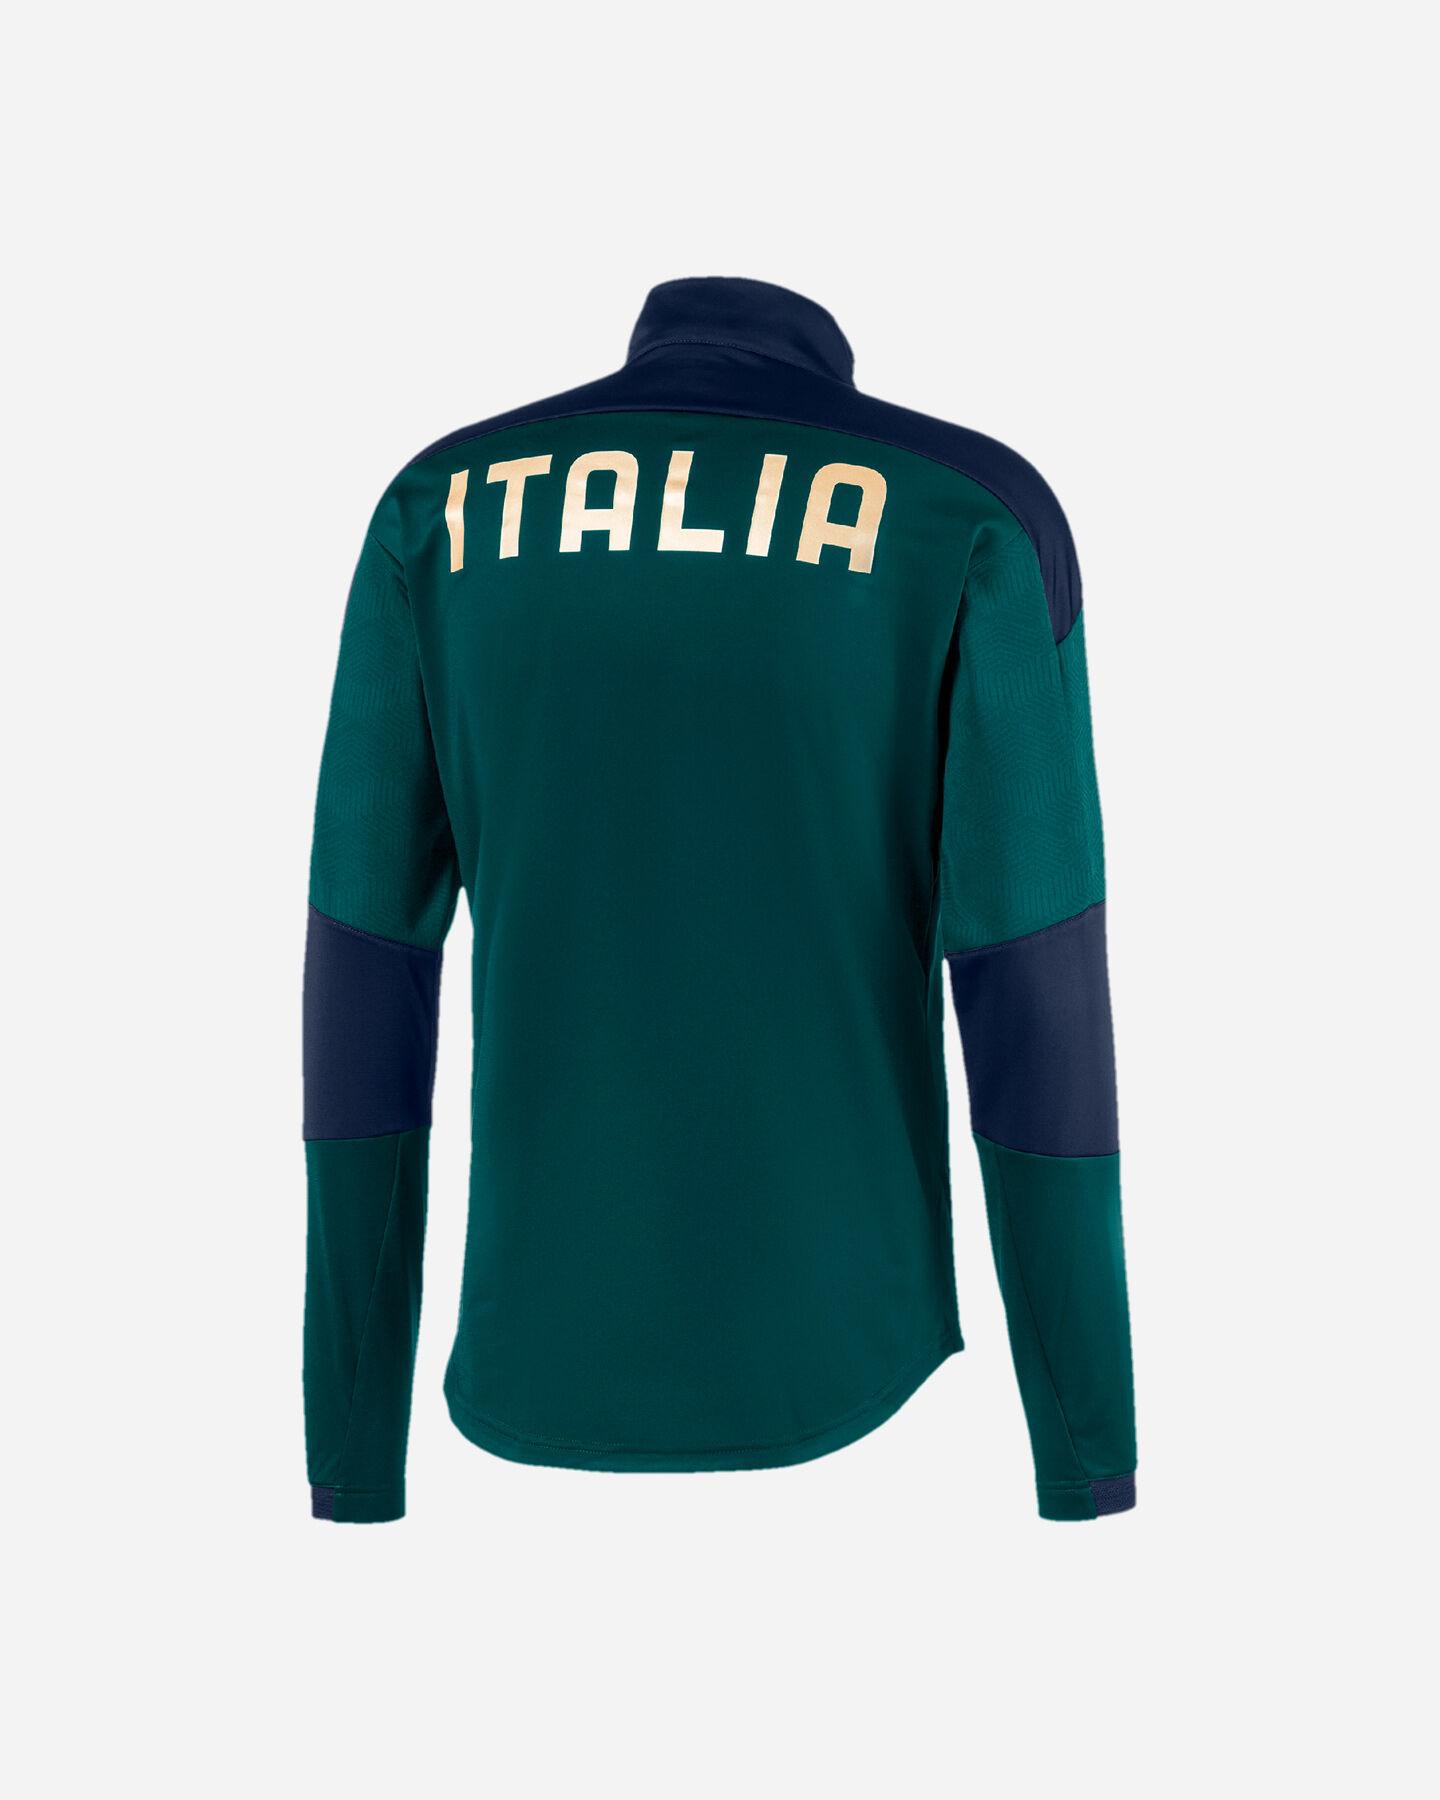 Abbigliamento calcio PUMA ITALIA TRAINING M S5172840 scatto 1